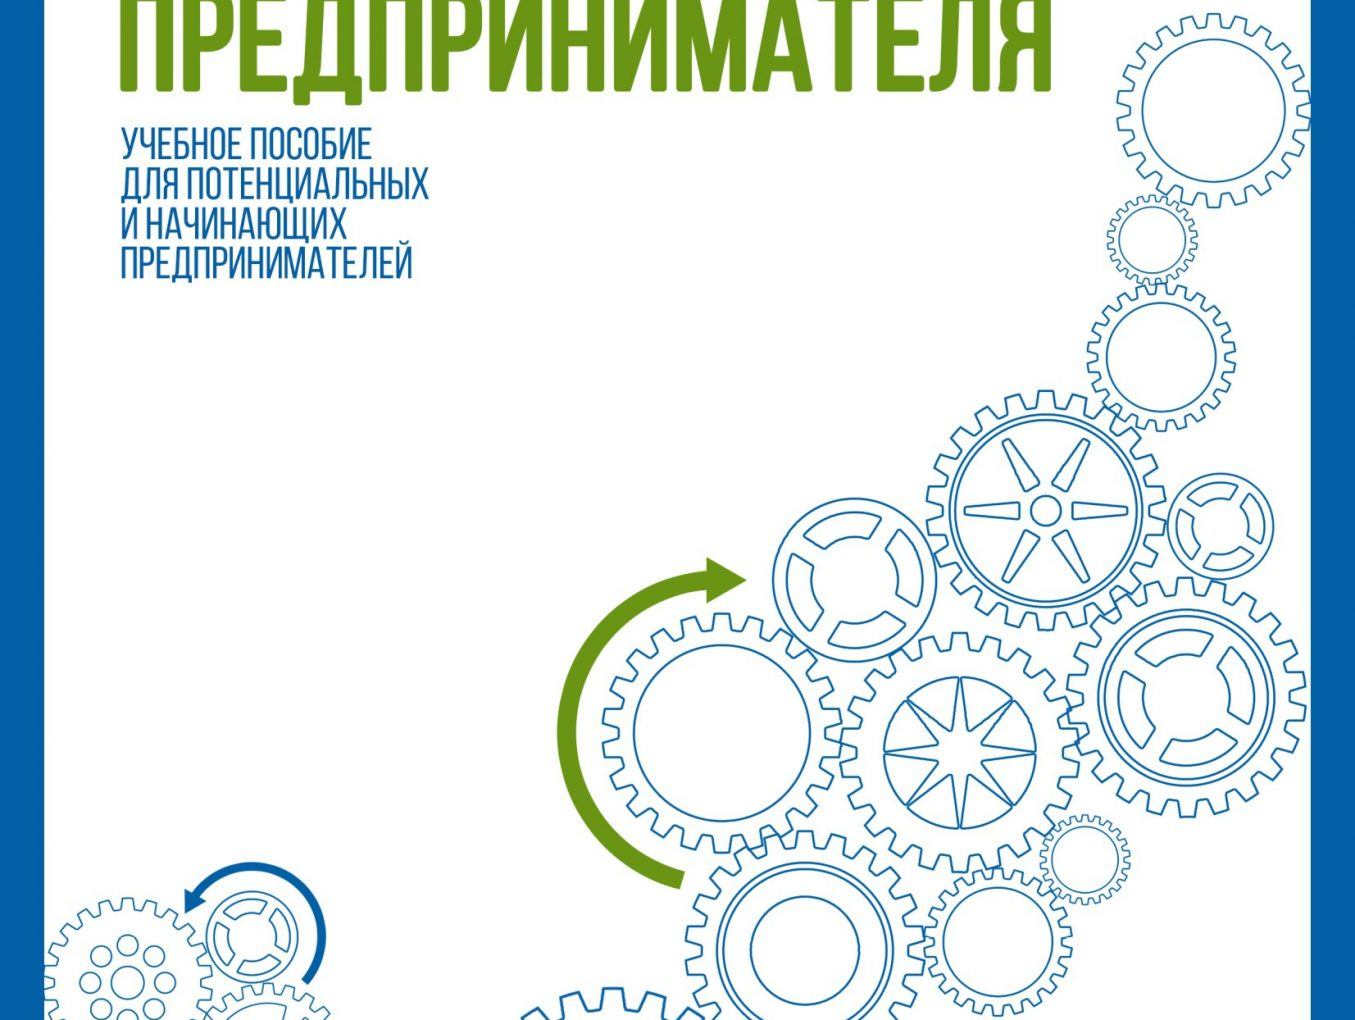 Учебное пособие «Азбука предпринимателя» для потенциальных и начинающих предпринимателей